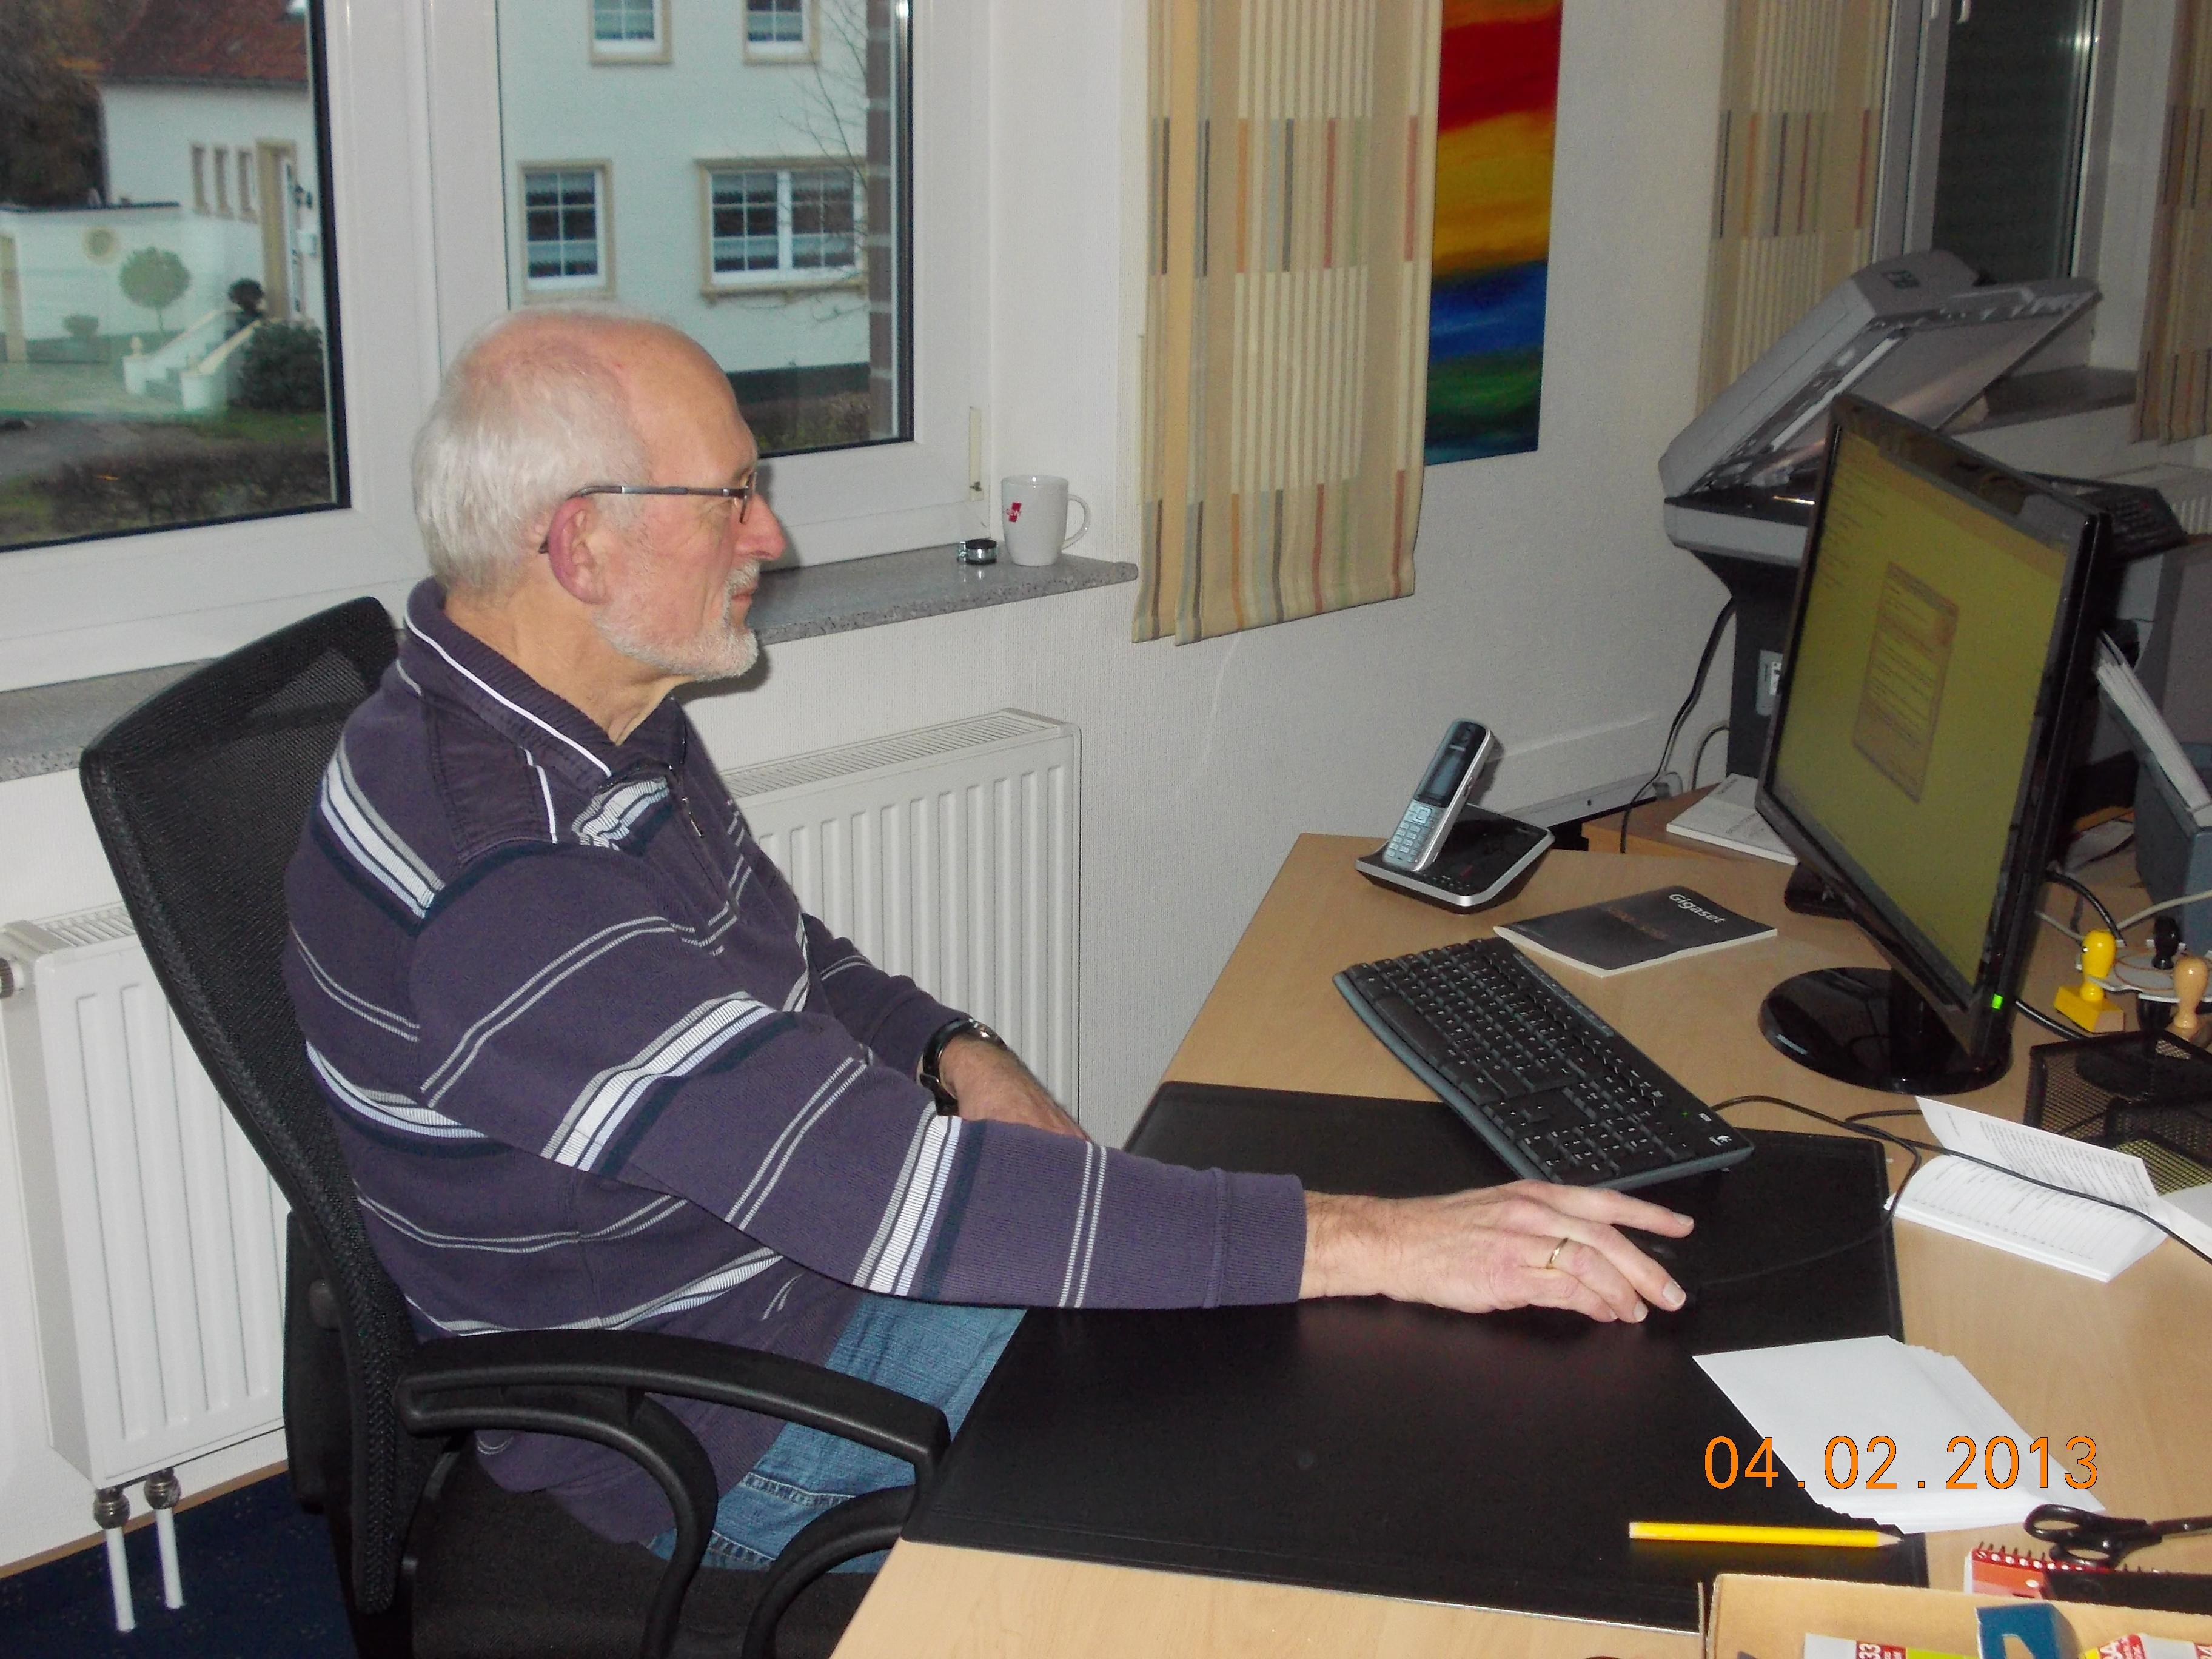 Mr. Zuverlässig: Hans-Otto Saatkamp ist unsere treue Büroseele !